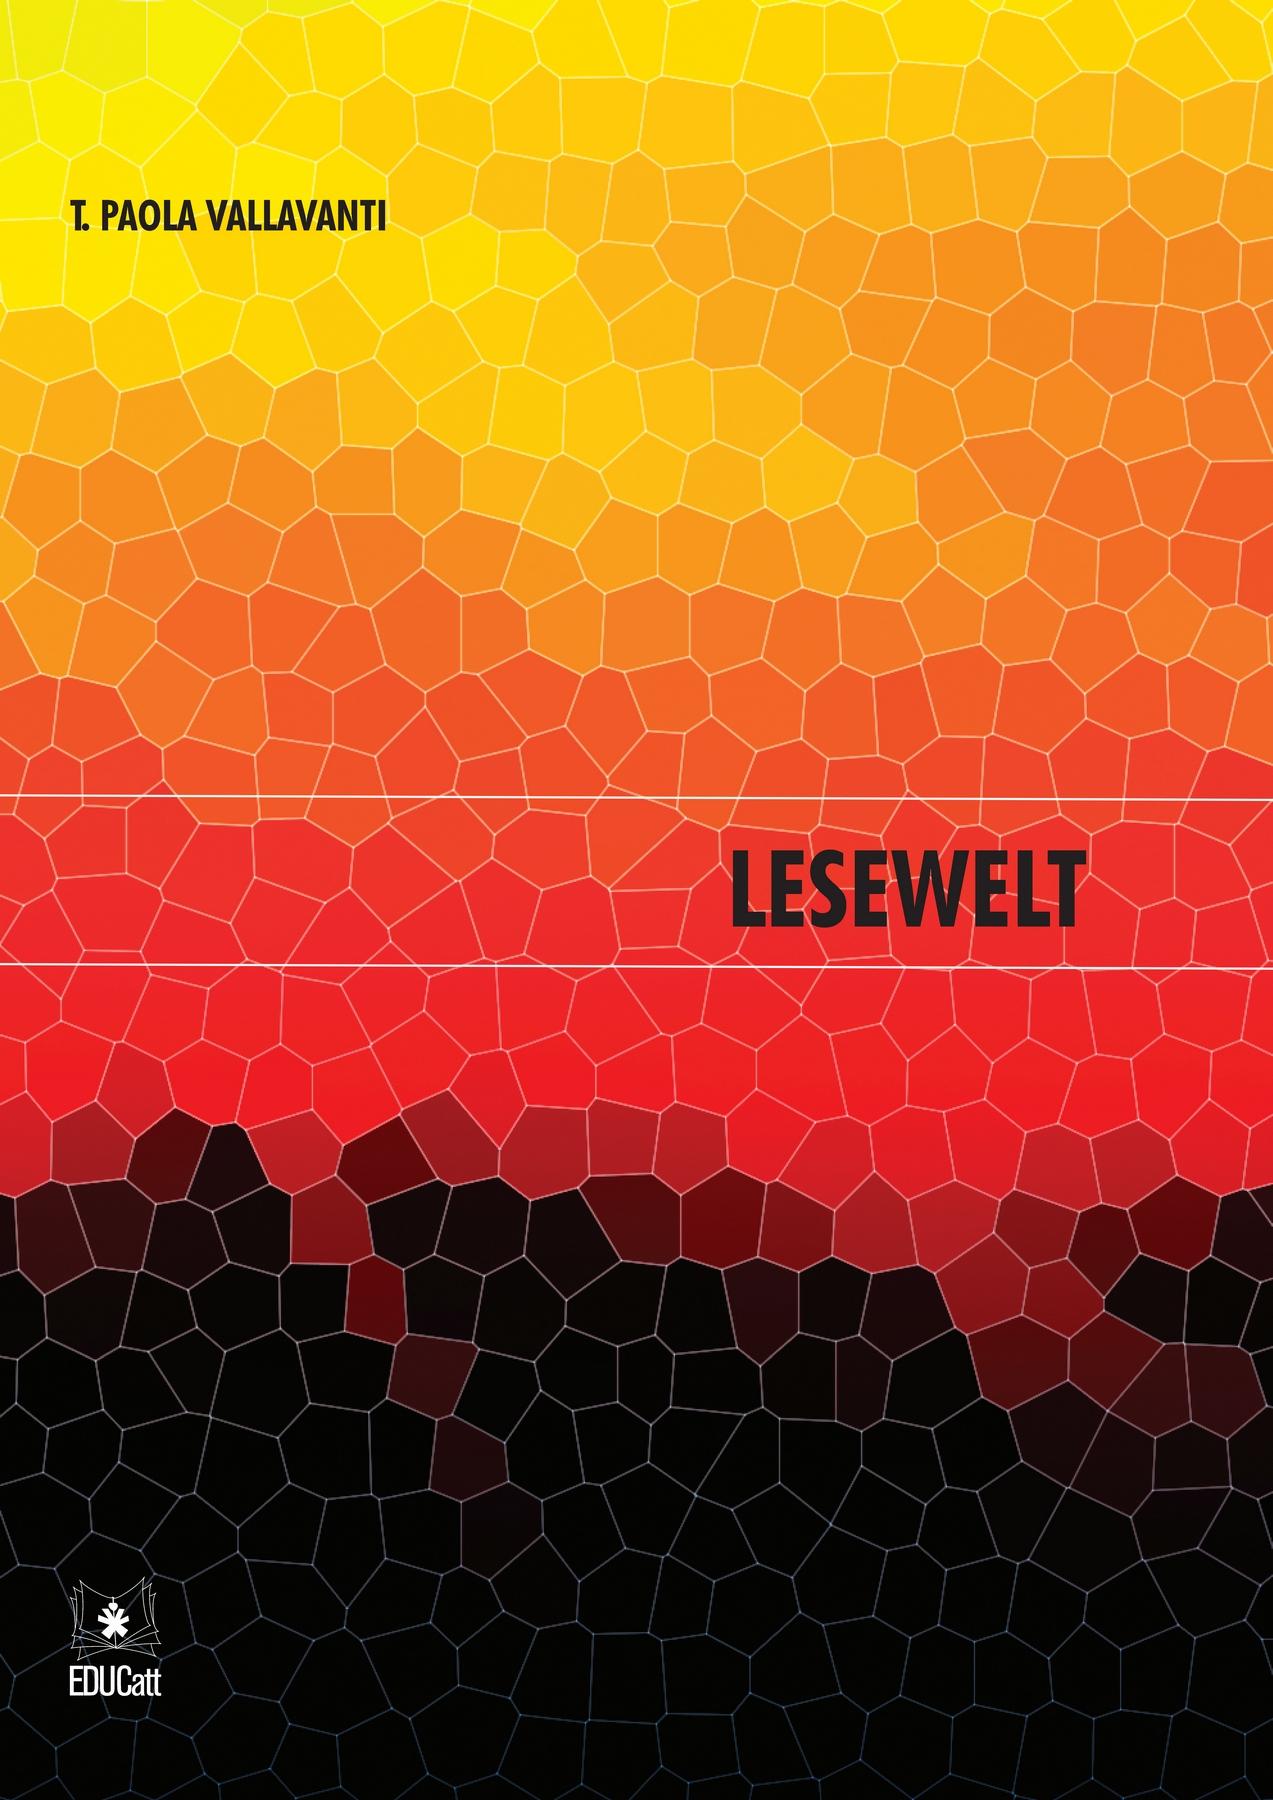 LESEWELT